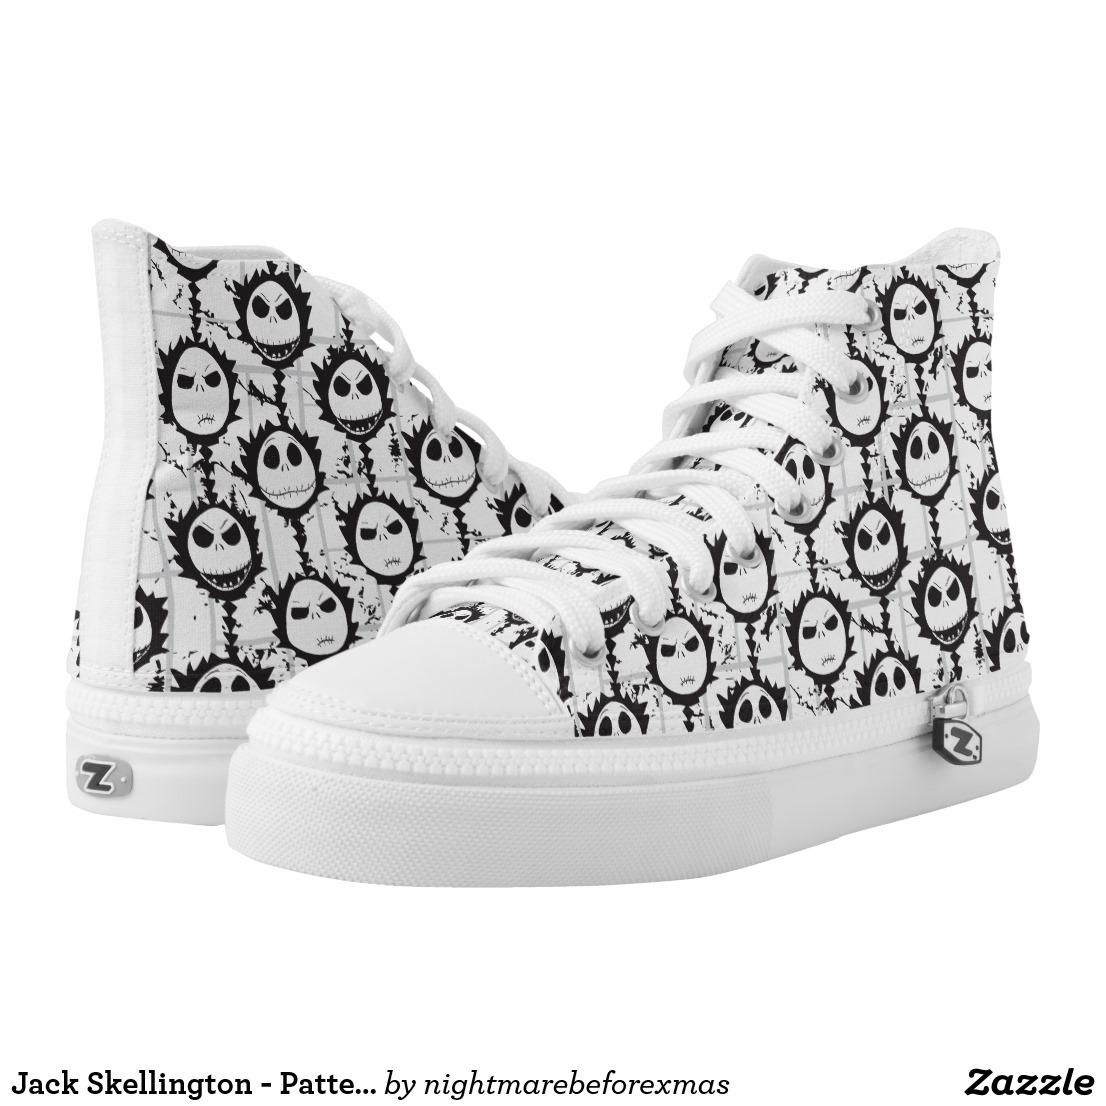 Jack Skellington - Pattern High-Top Sneakers